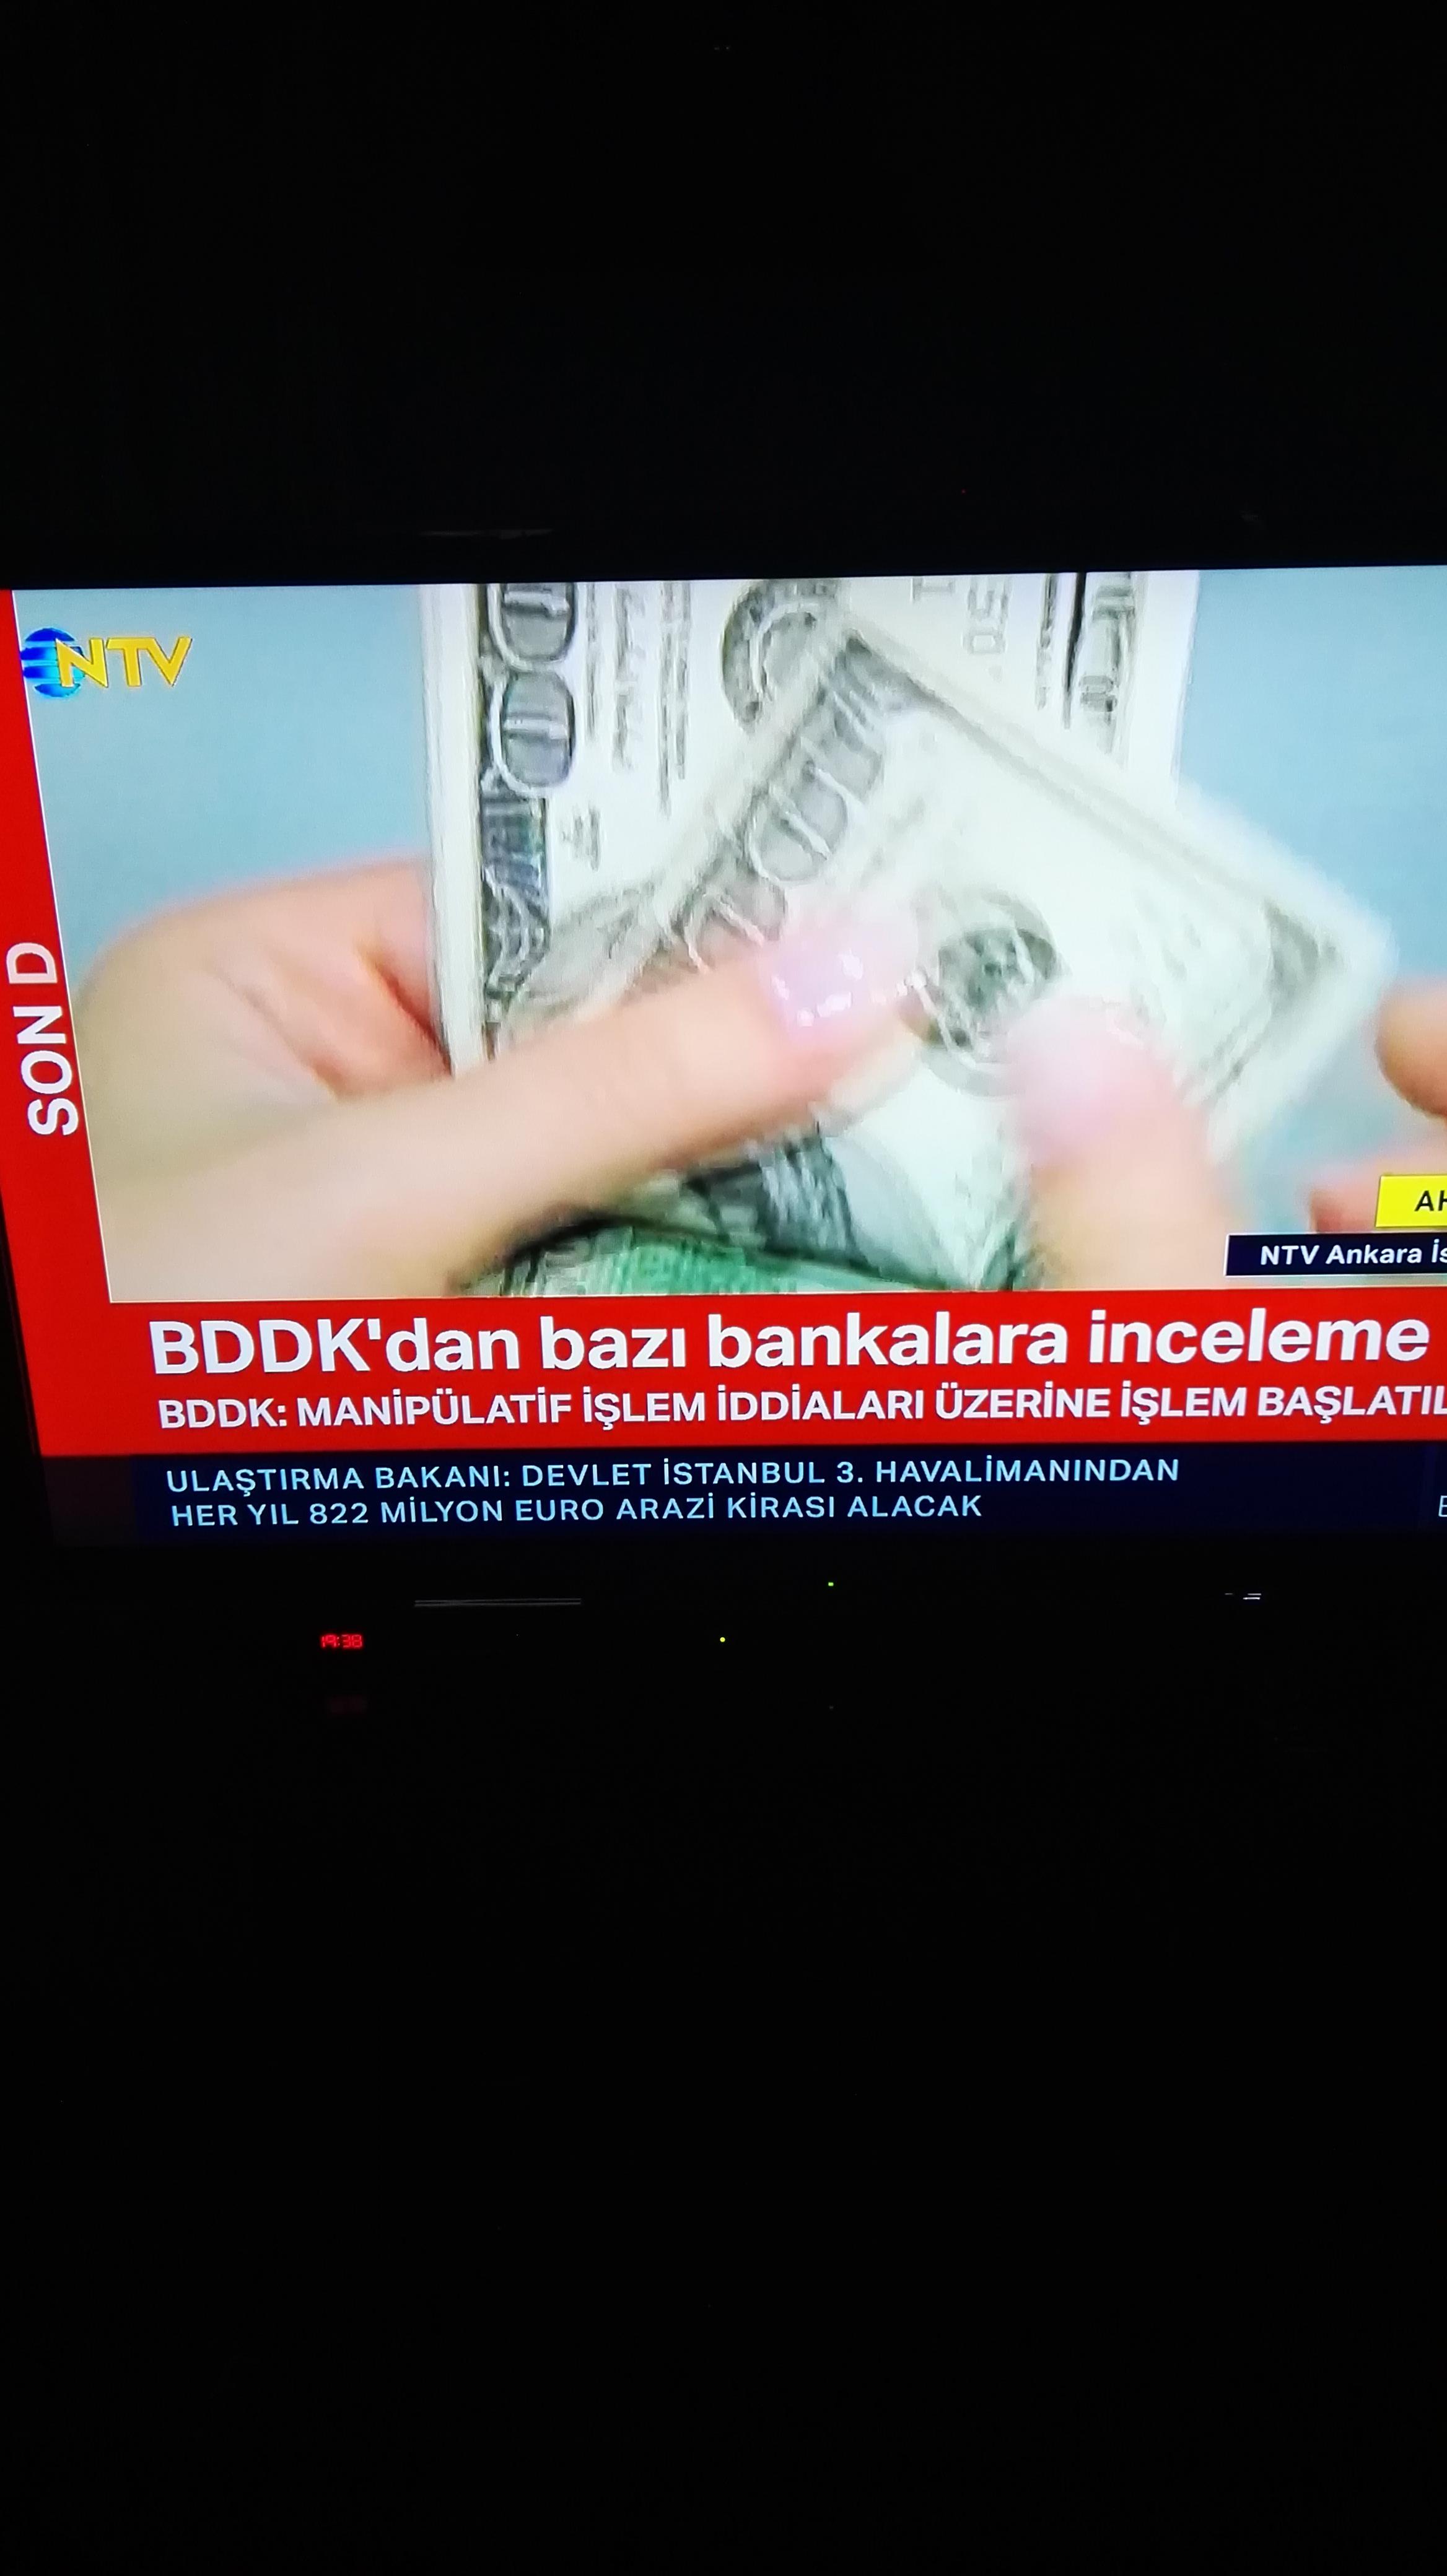 bddk nın bazı bankalara incele başlatması